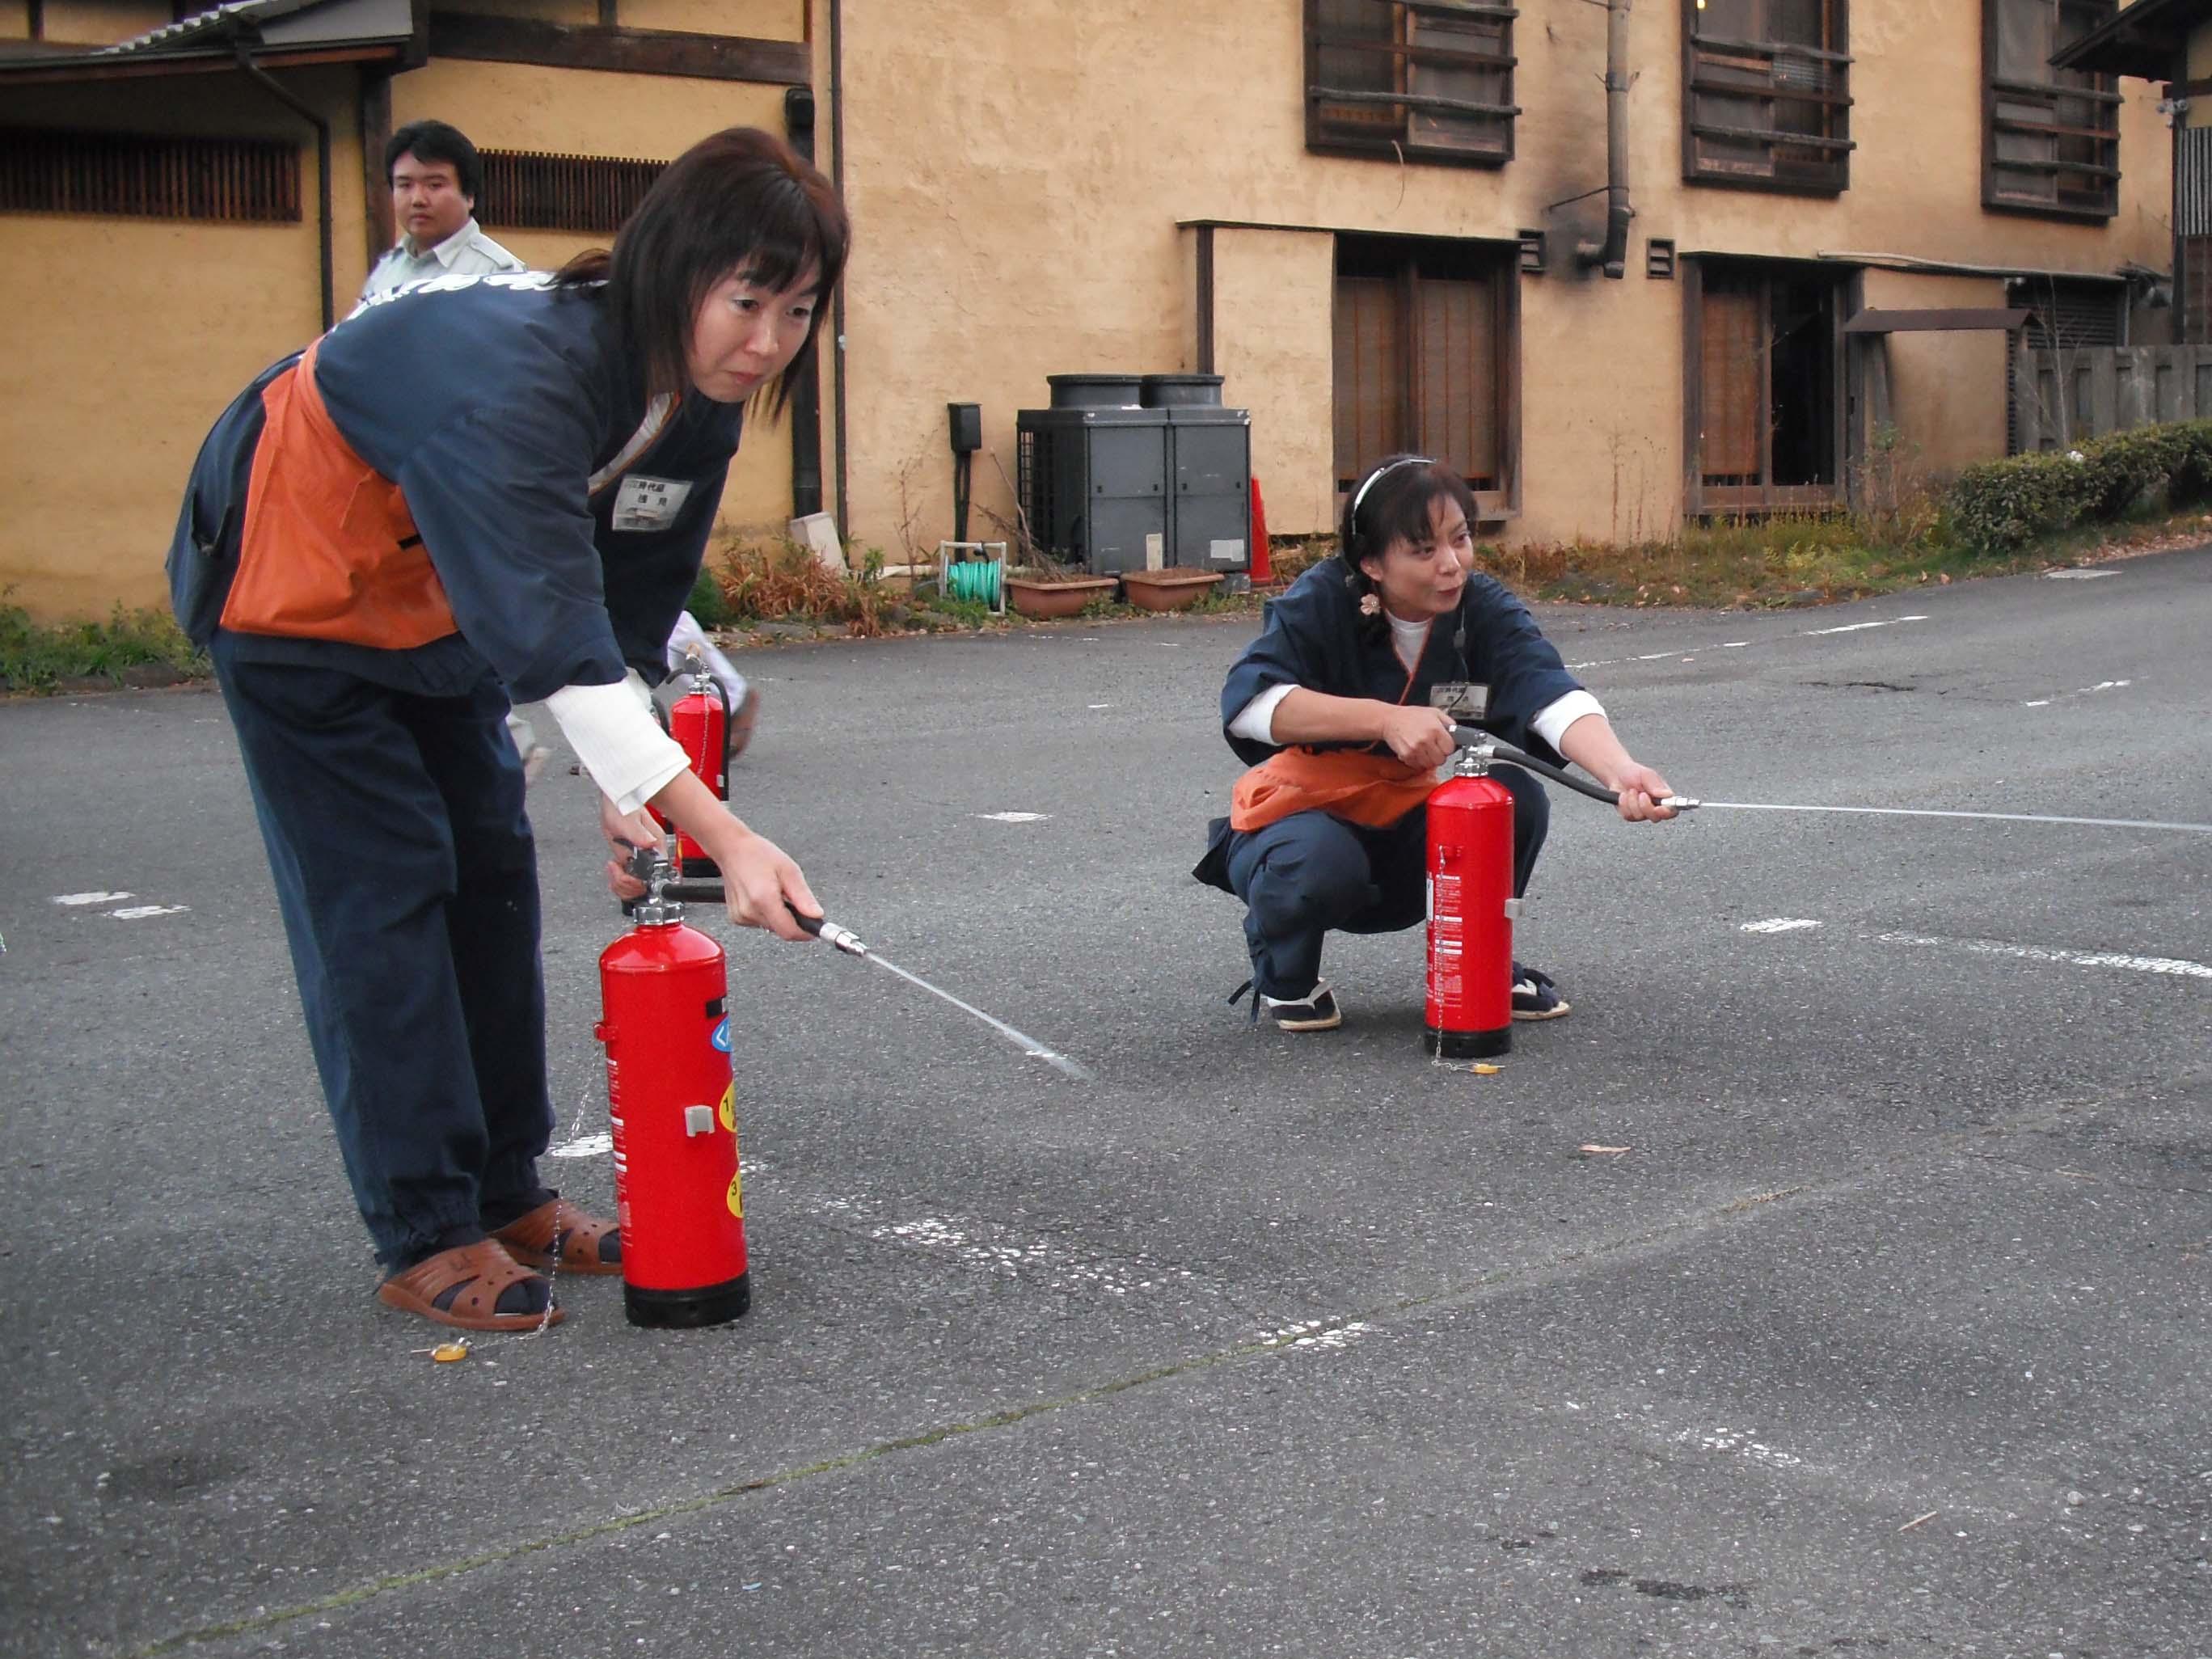 防火訓練実施_e0160569_2155729.jpg